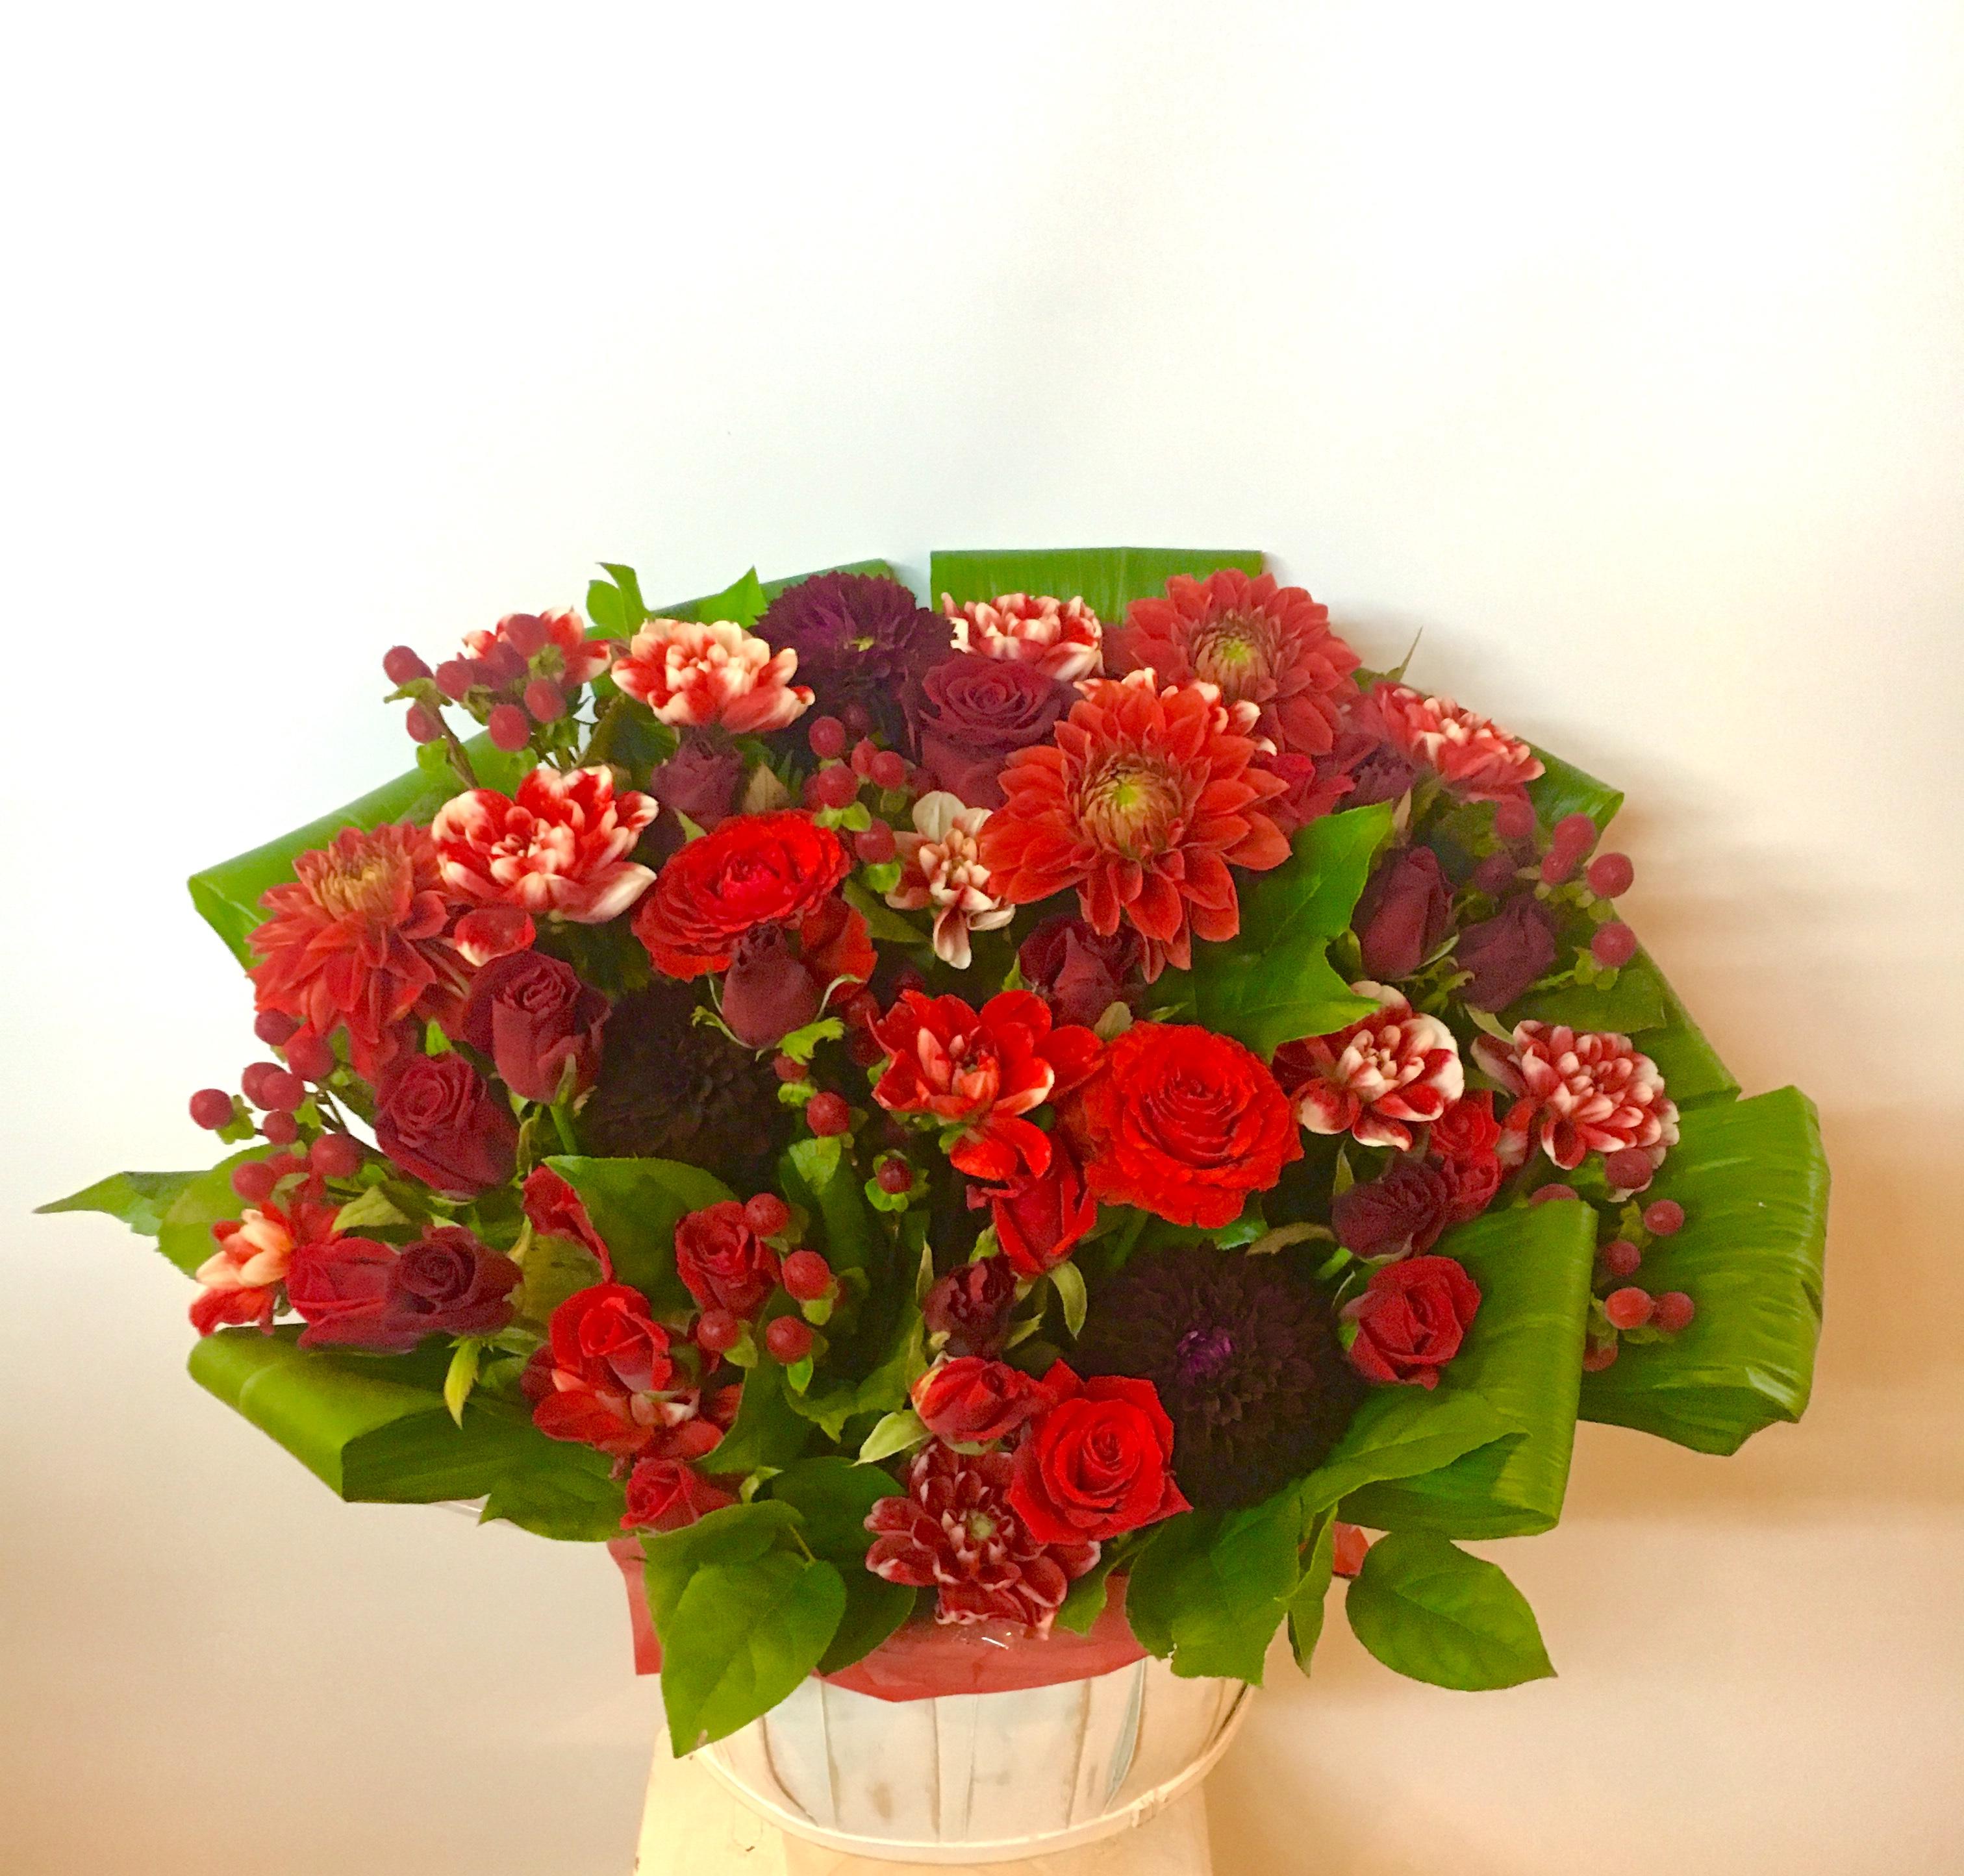 【ナオ花屋の納品事例148】横浜市関内イセザキモールの法人企業様へスタンド花を配達しました!